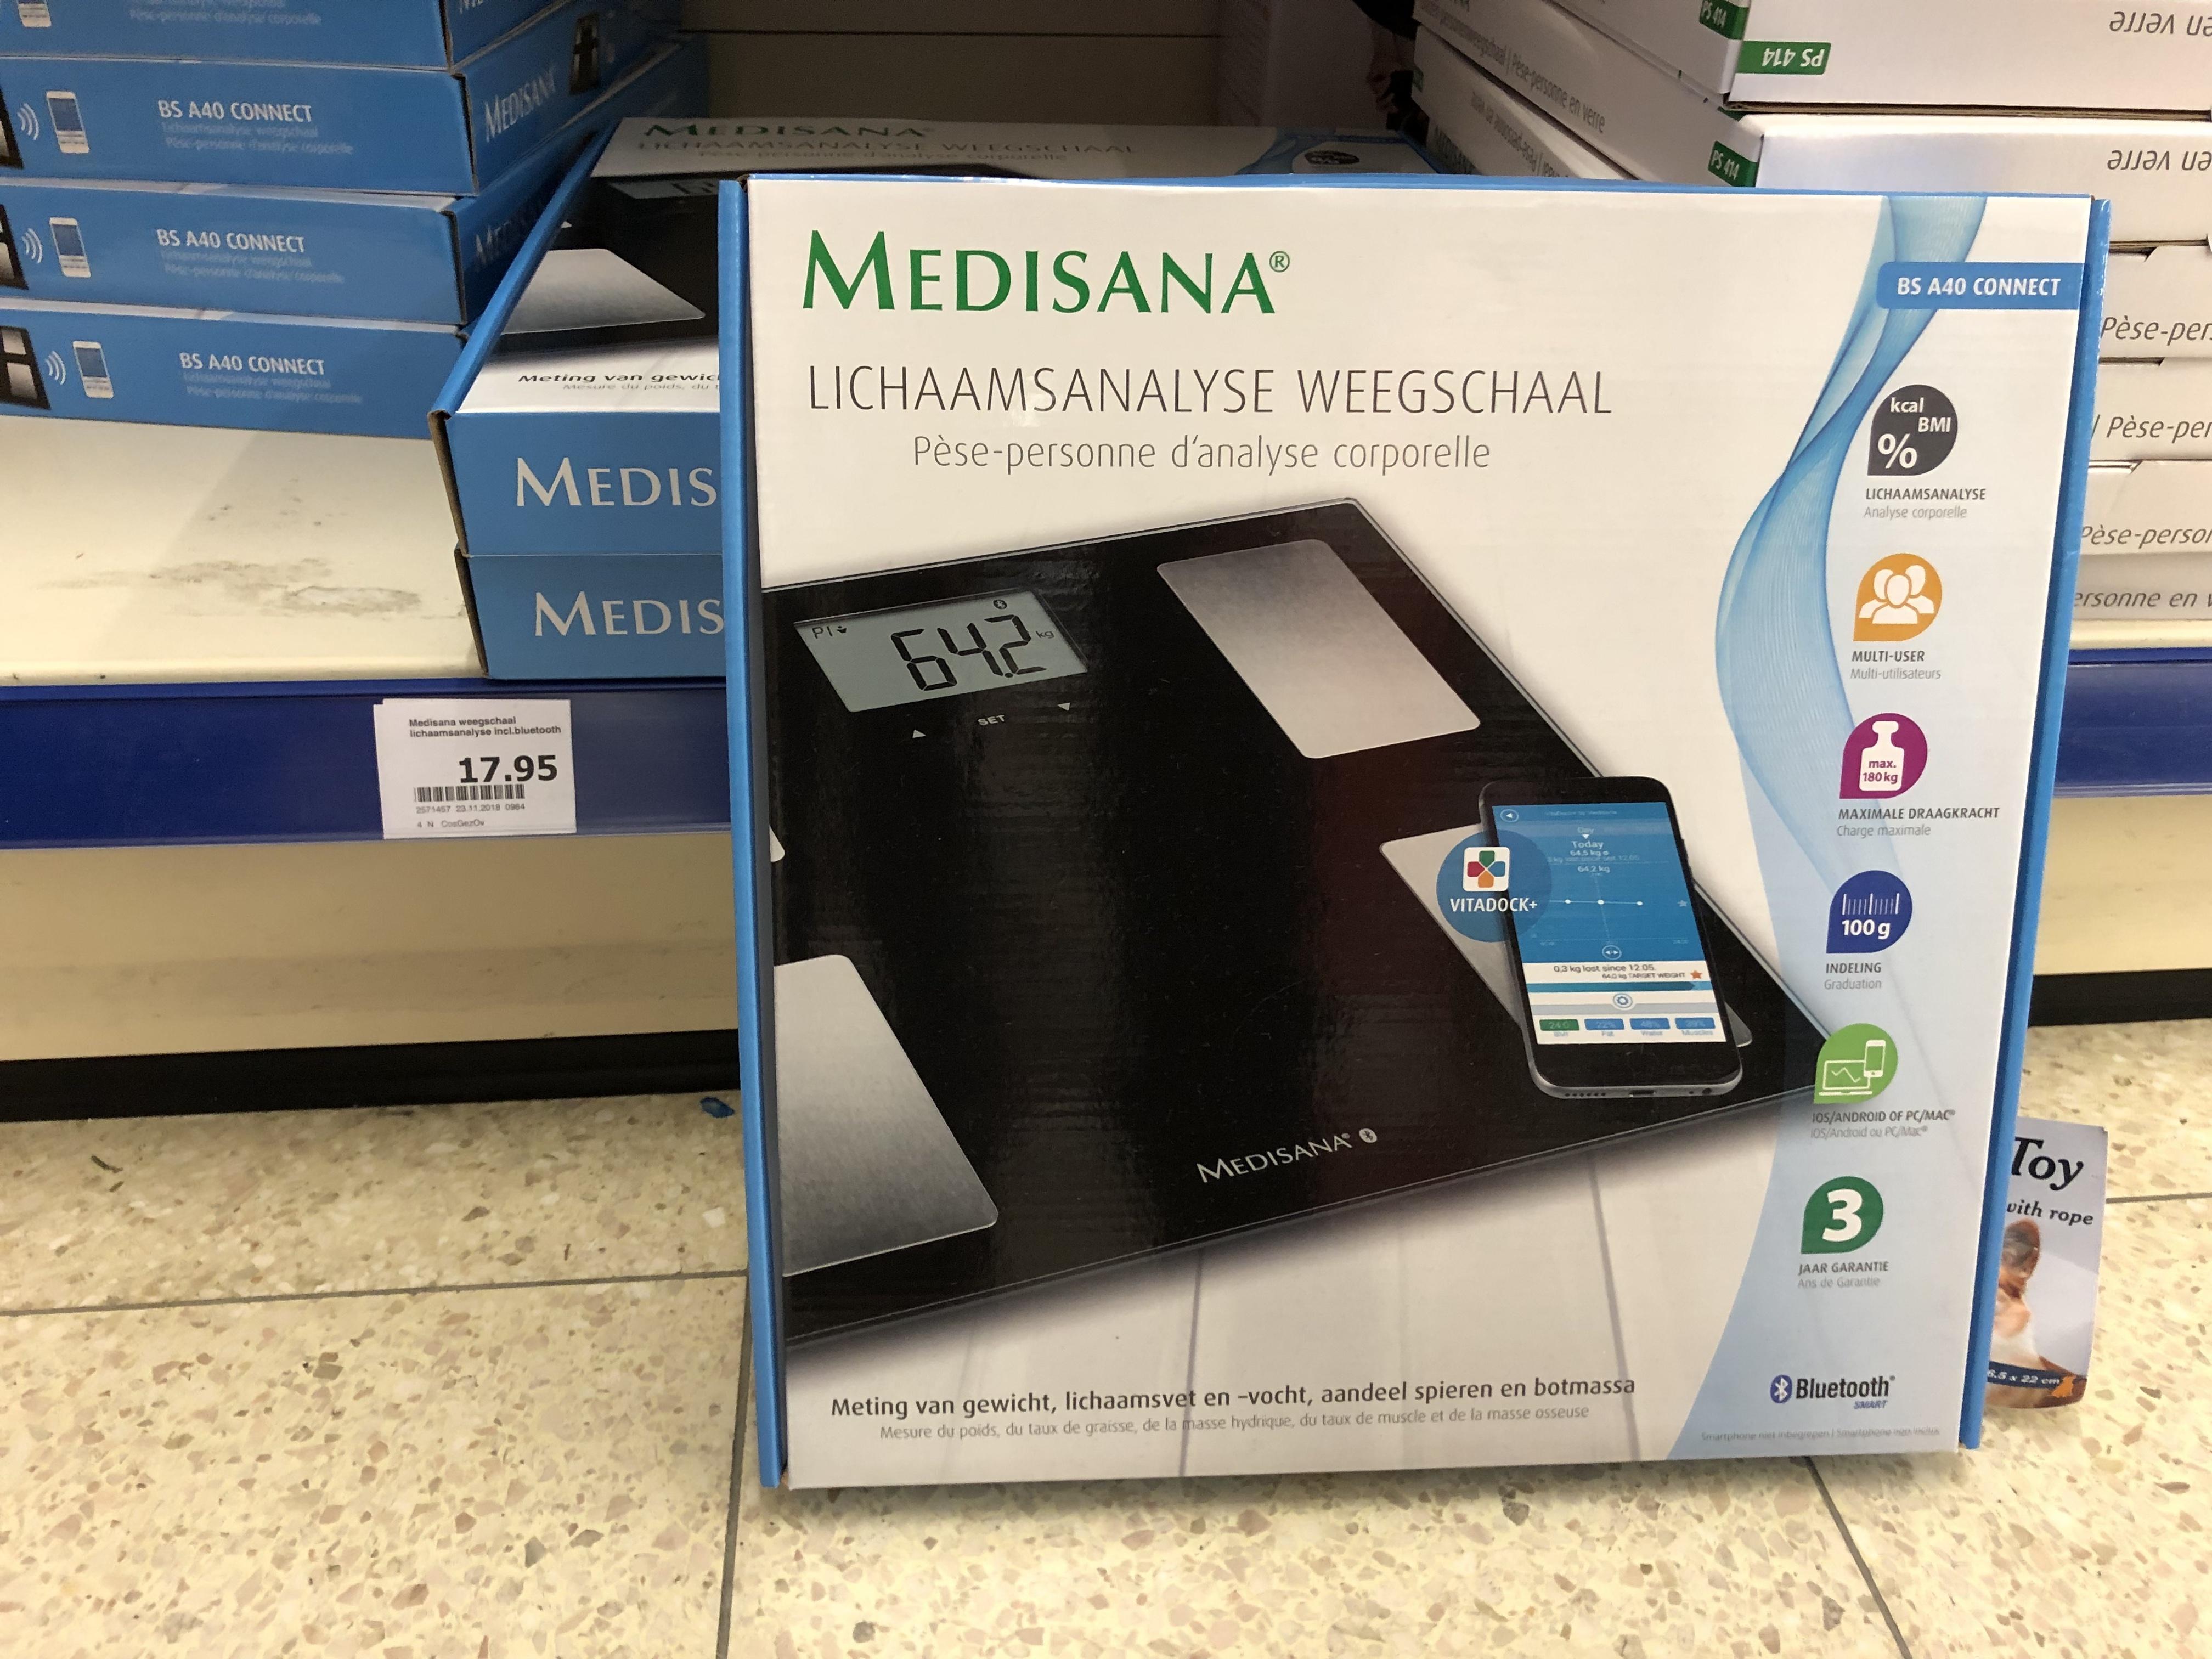 Medisana lichaamsanalyse-weegschaal met bluetooth, en Apple Health synchronisatie